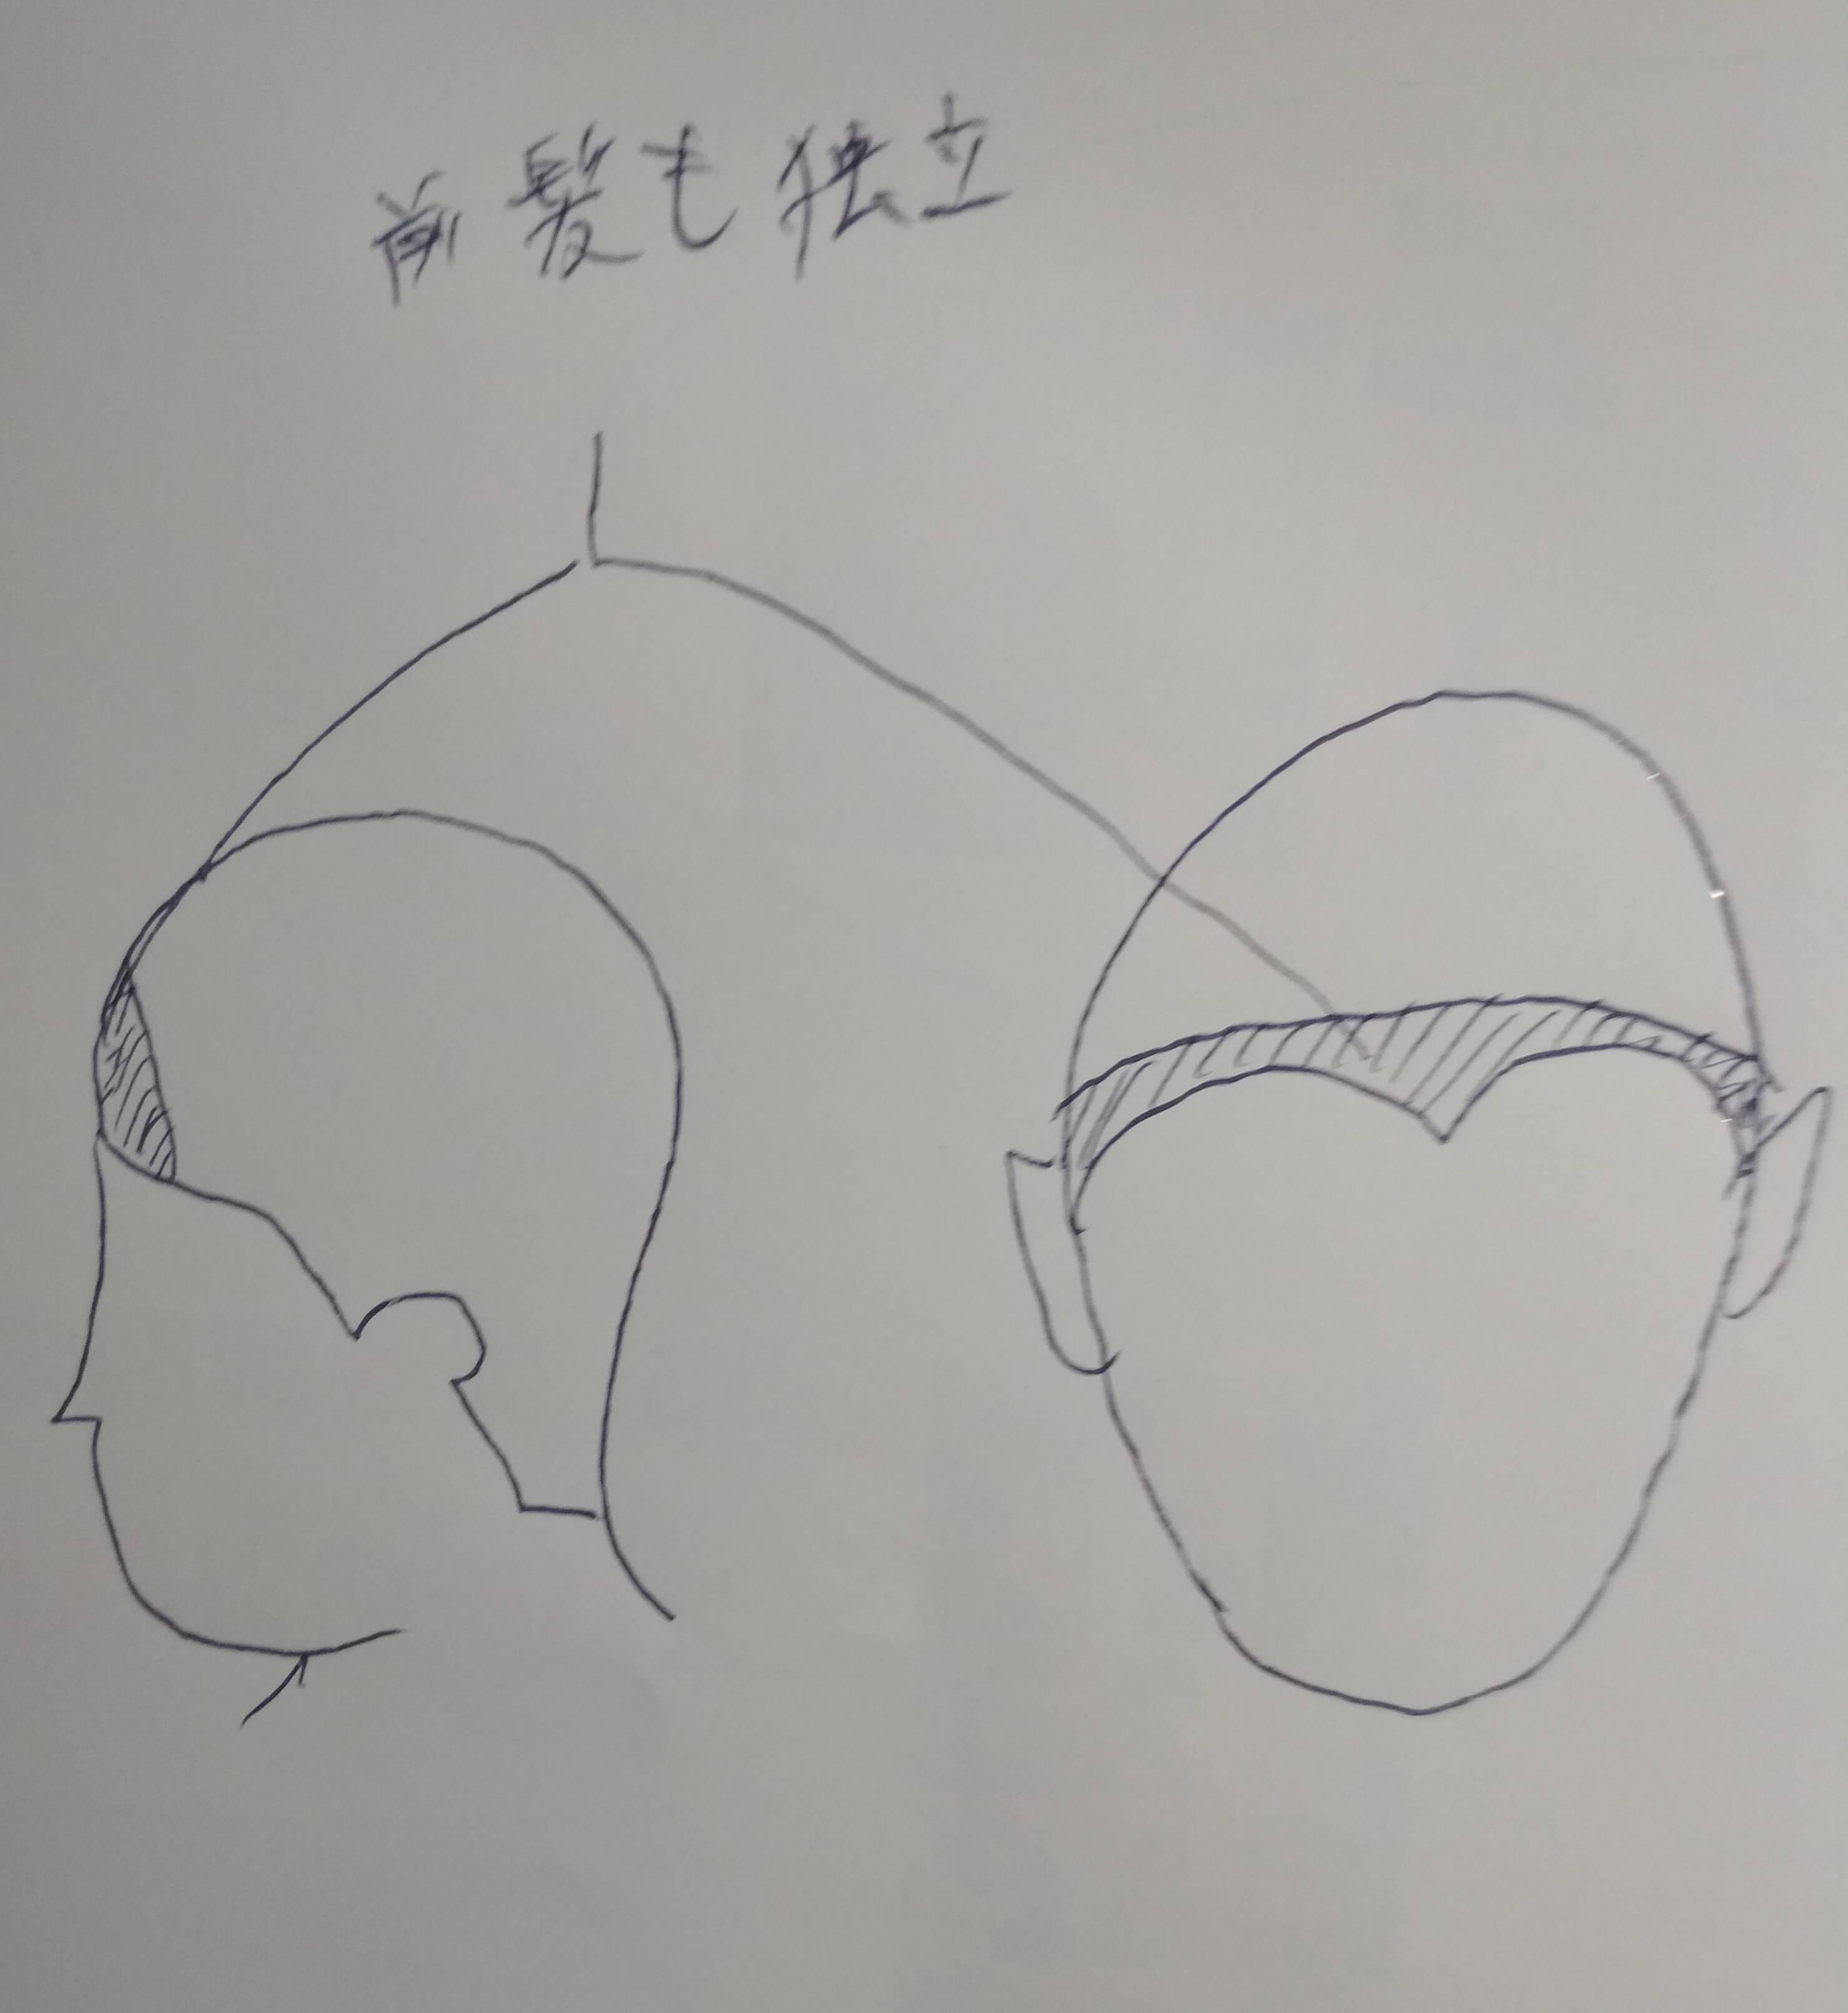 遊戯髪型考察